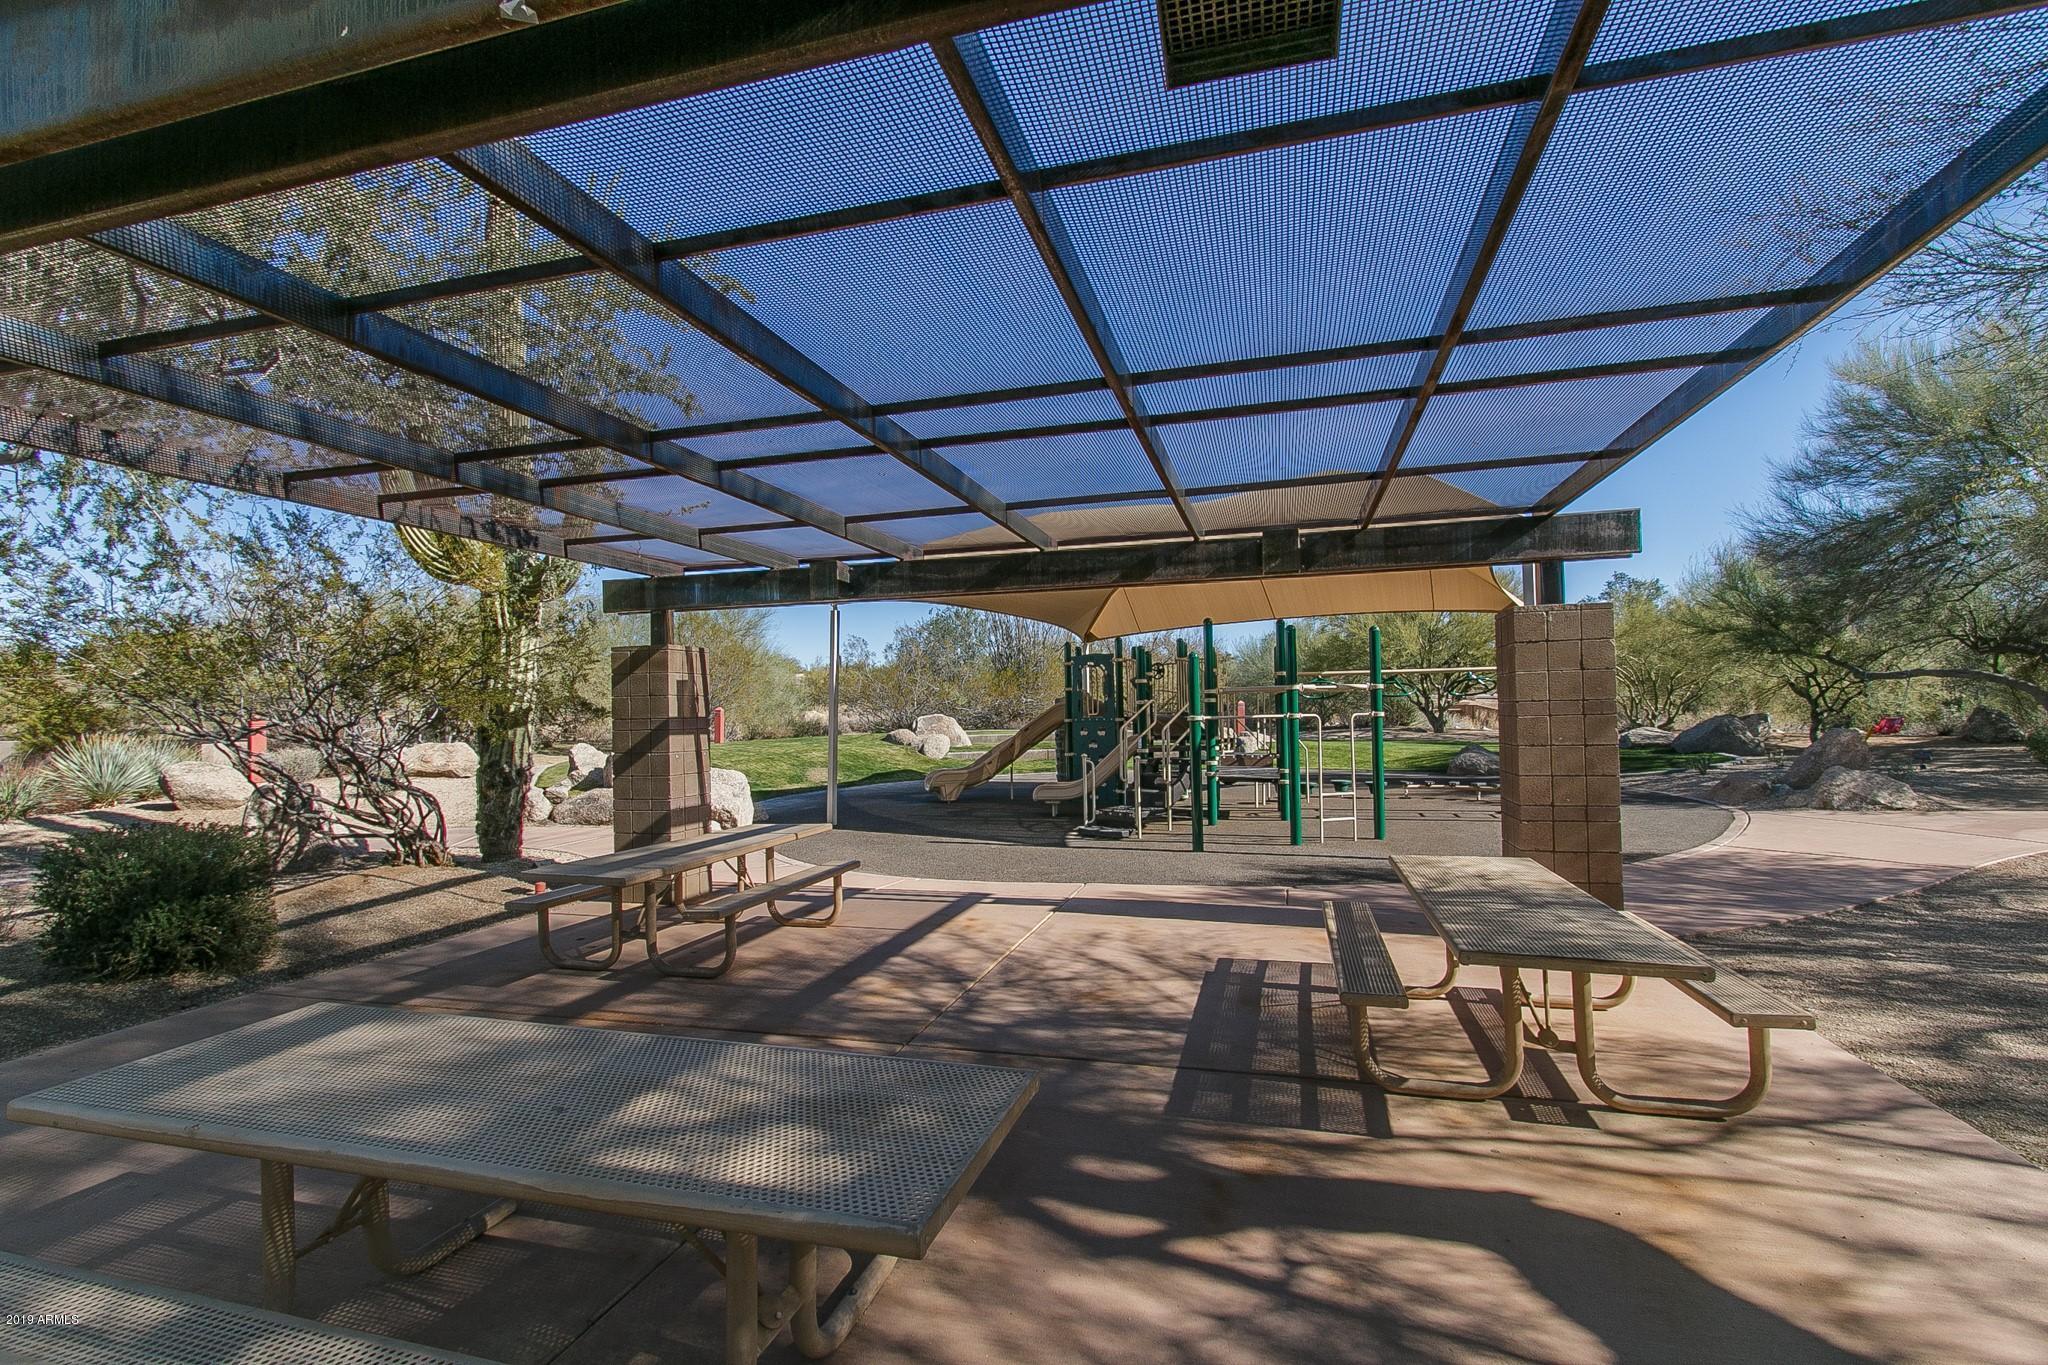 MLS 5965494 28516 N 111TH Way, Scottsdale, AZ 85262 Scottsdale AZ Private Pool